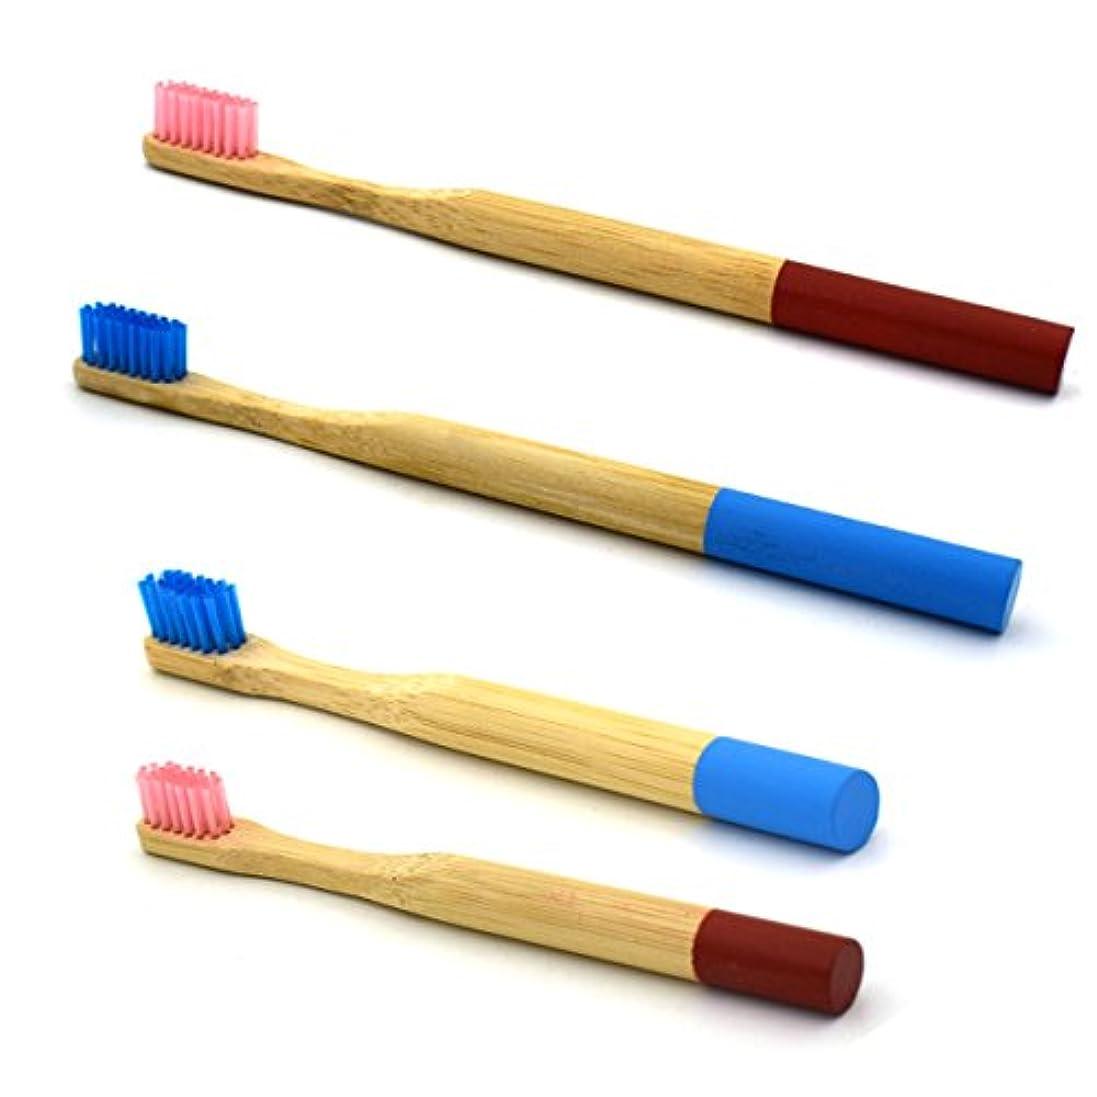 ばかそれから不格好ROSENICE 2組 竹の歯ブラシ 自然な竹エコフレンドリーな柔らかい毛の旅行の歯ブラシ(青+ピンク)